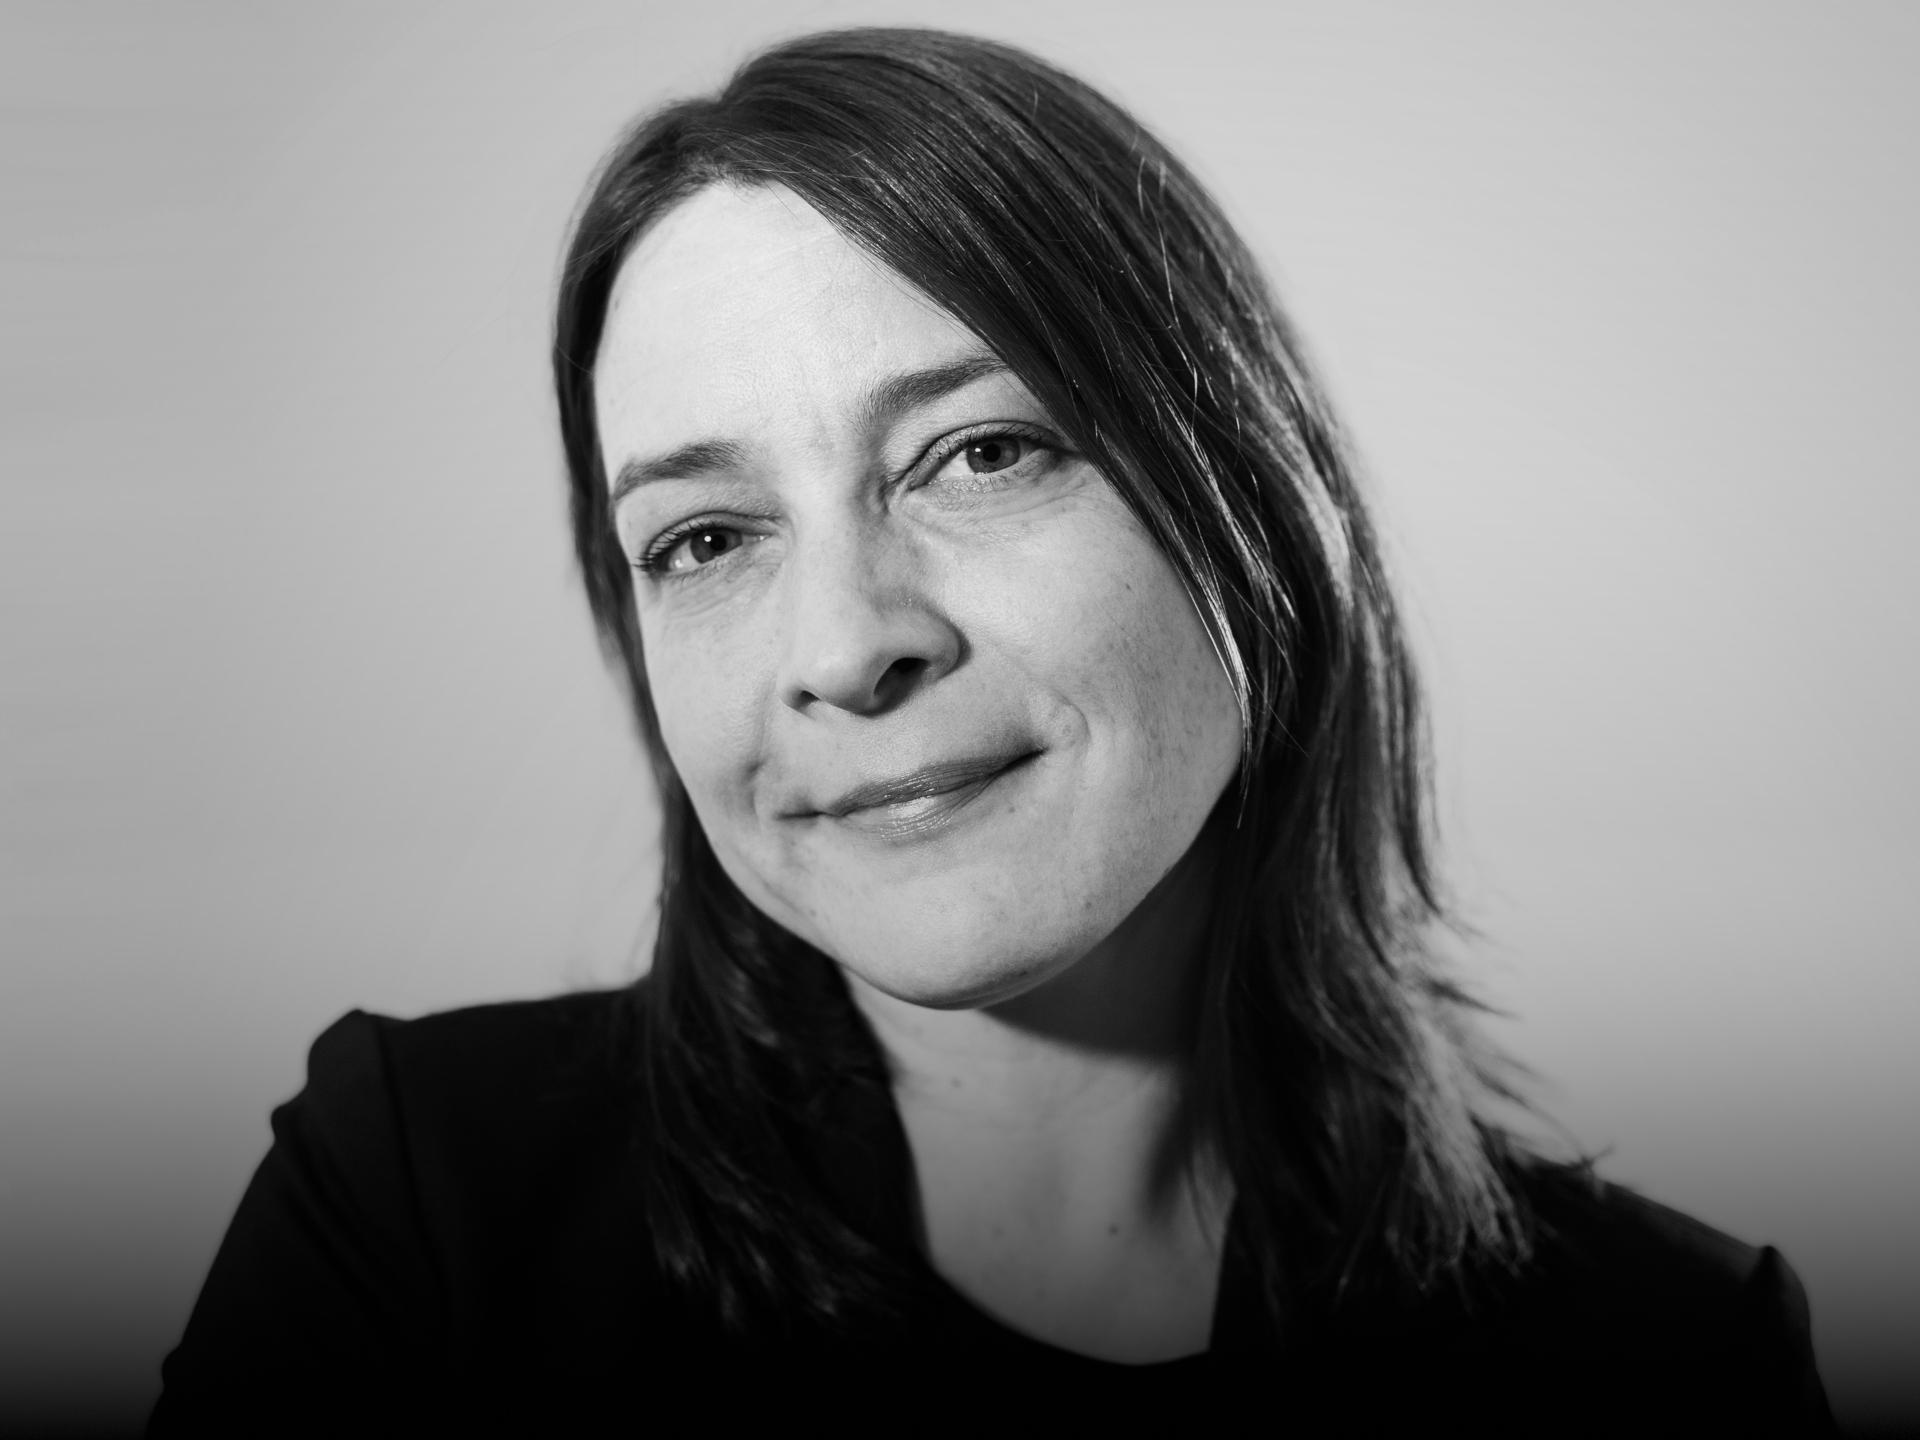 Image of Lora Lukin